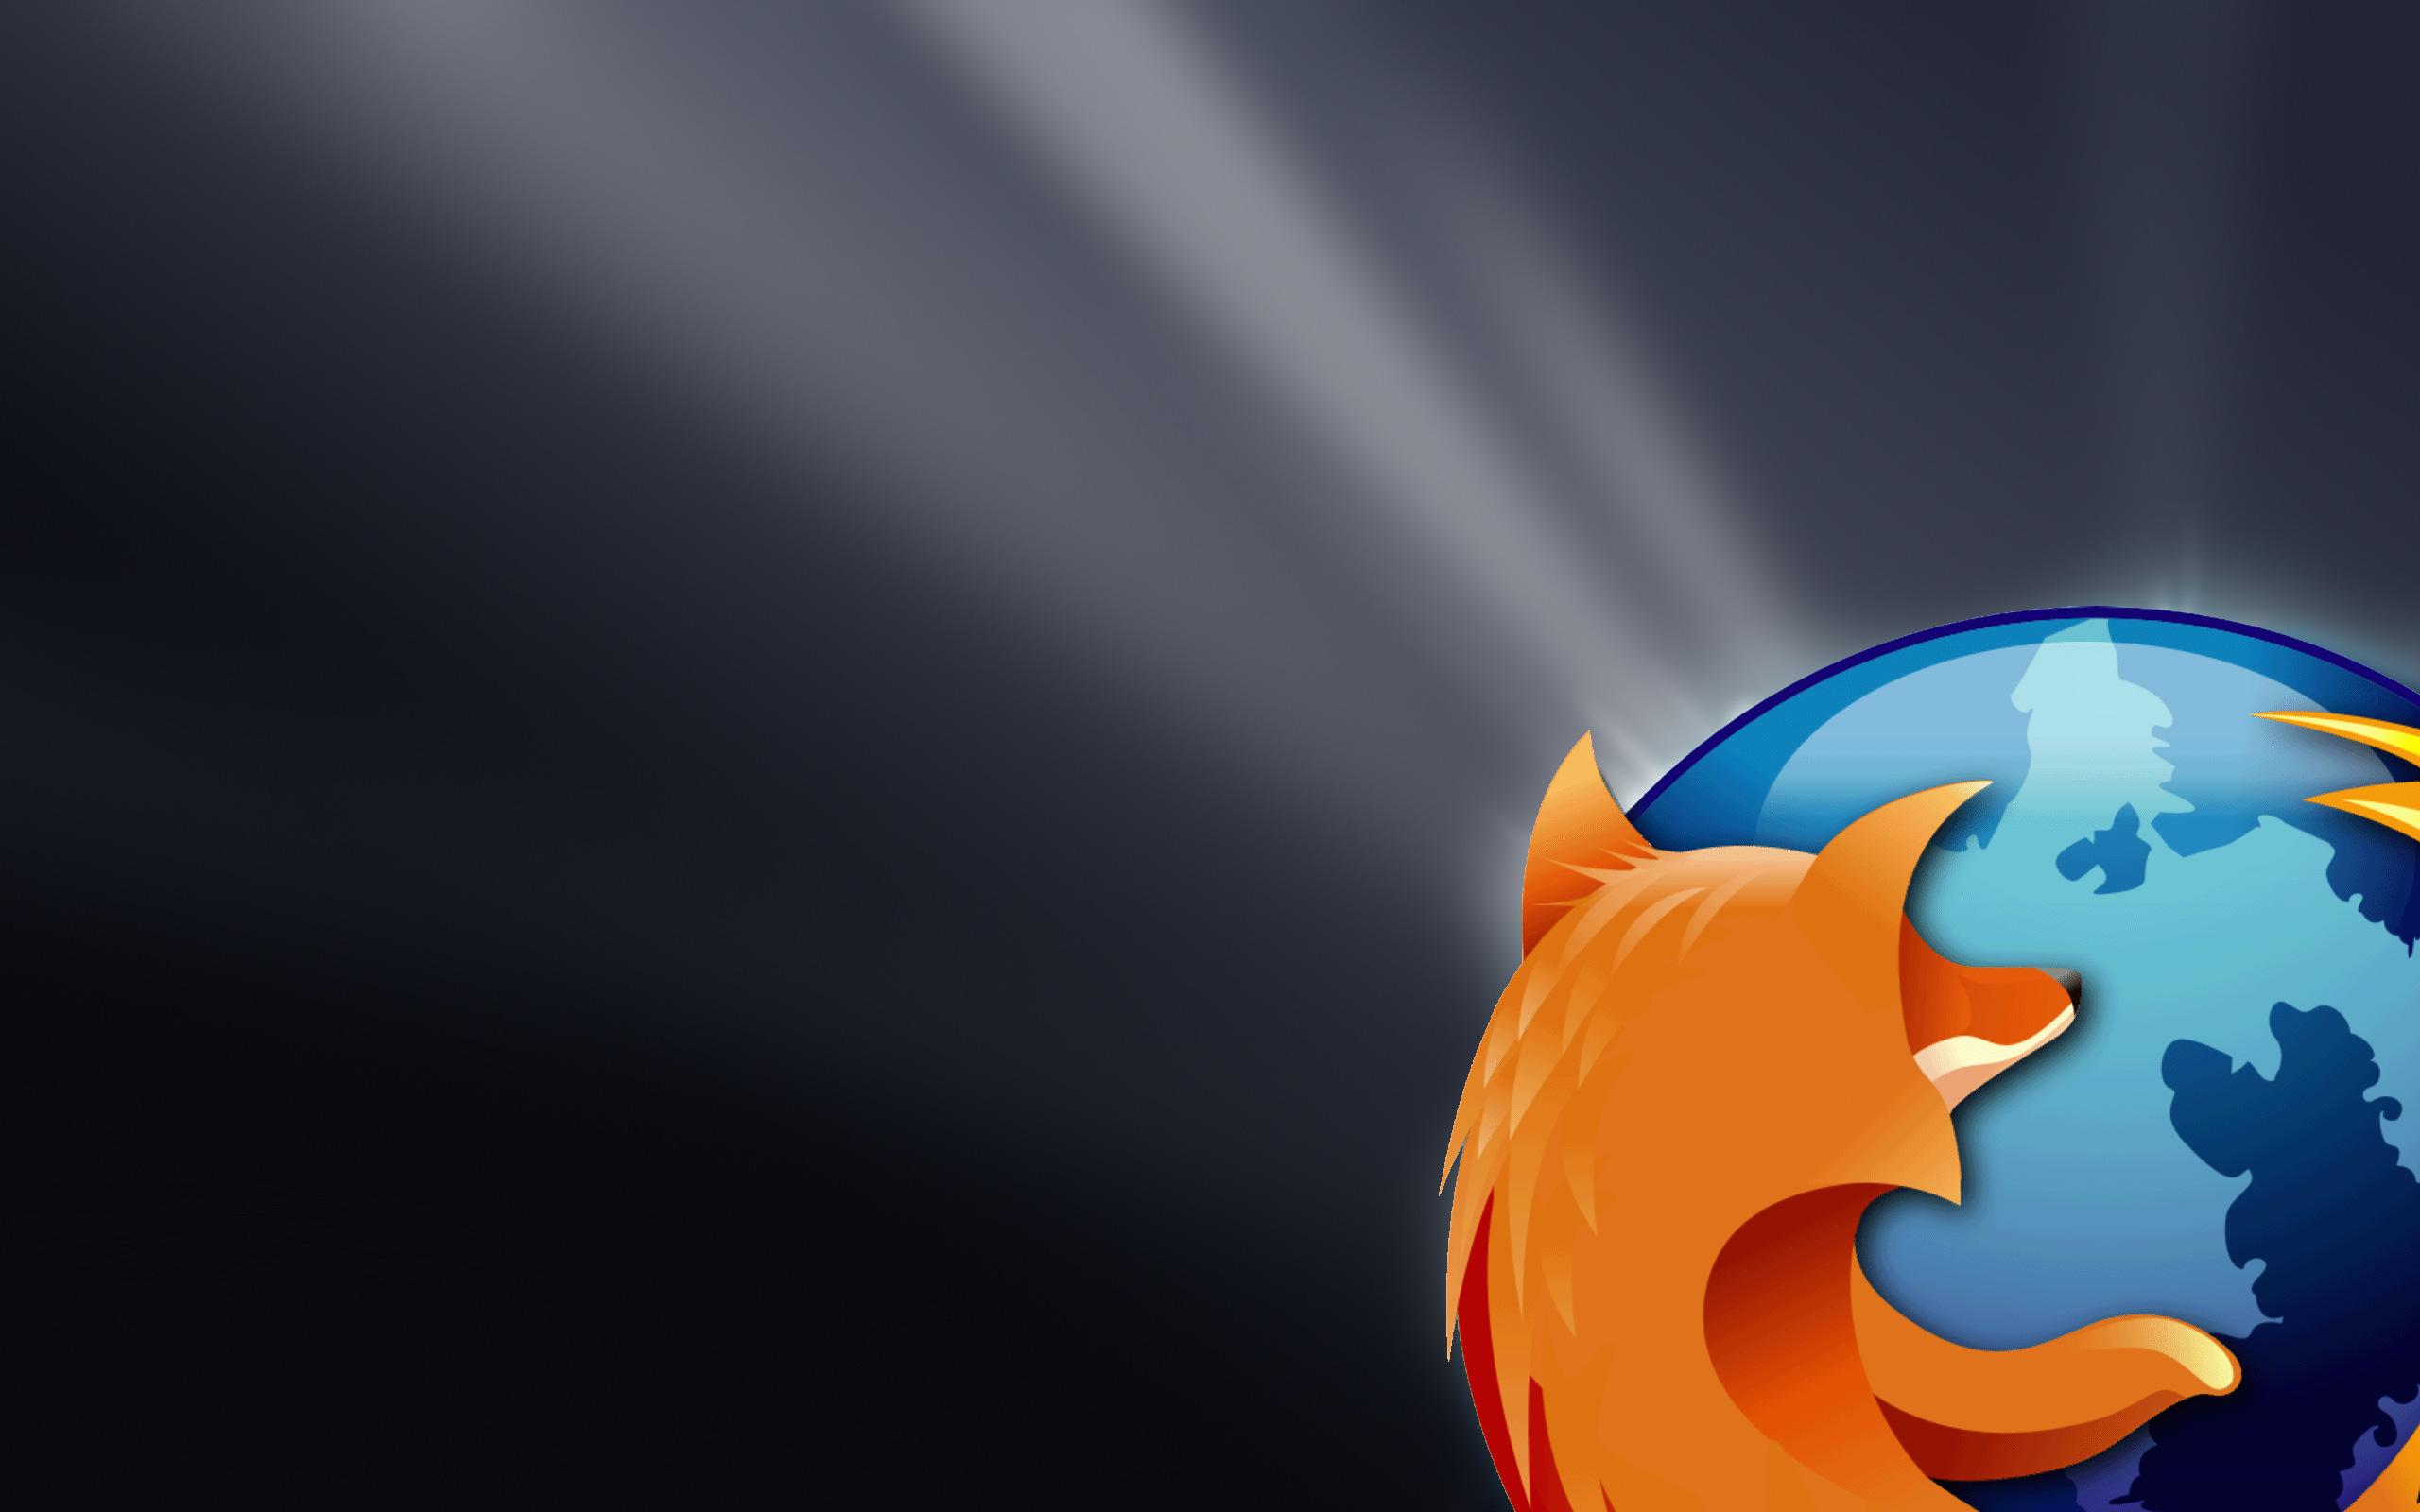 этом картинки для браузера в хорошем качестве образуют большой куст